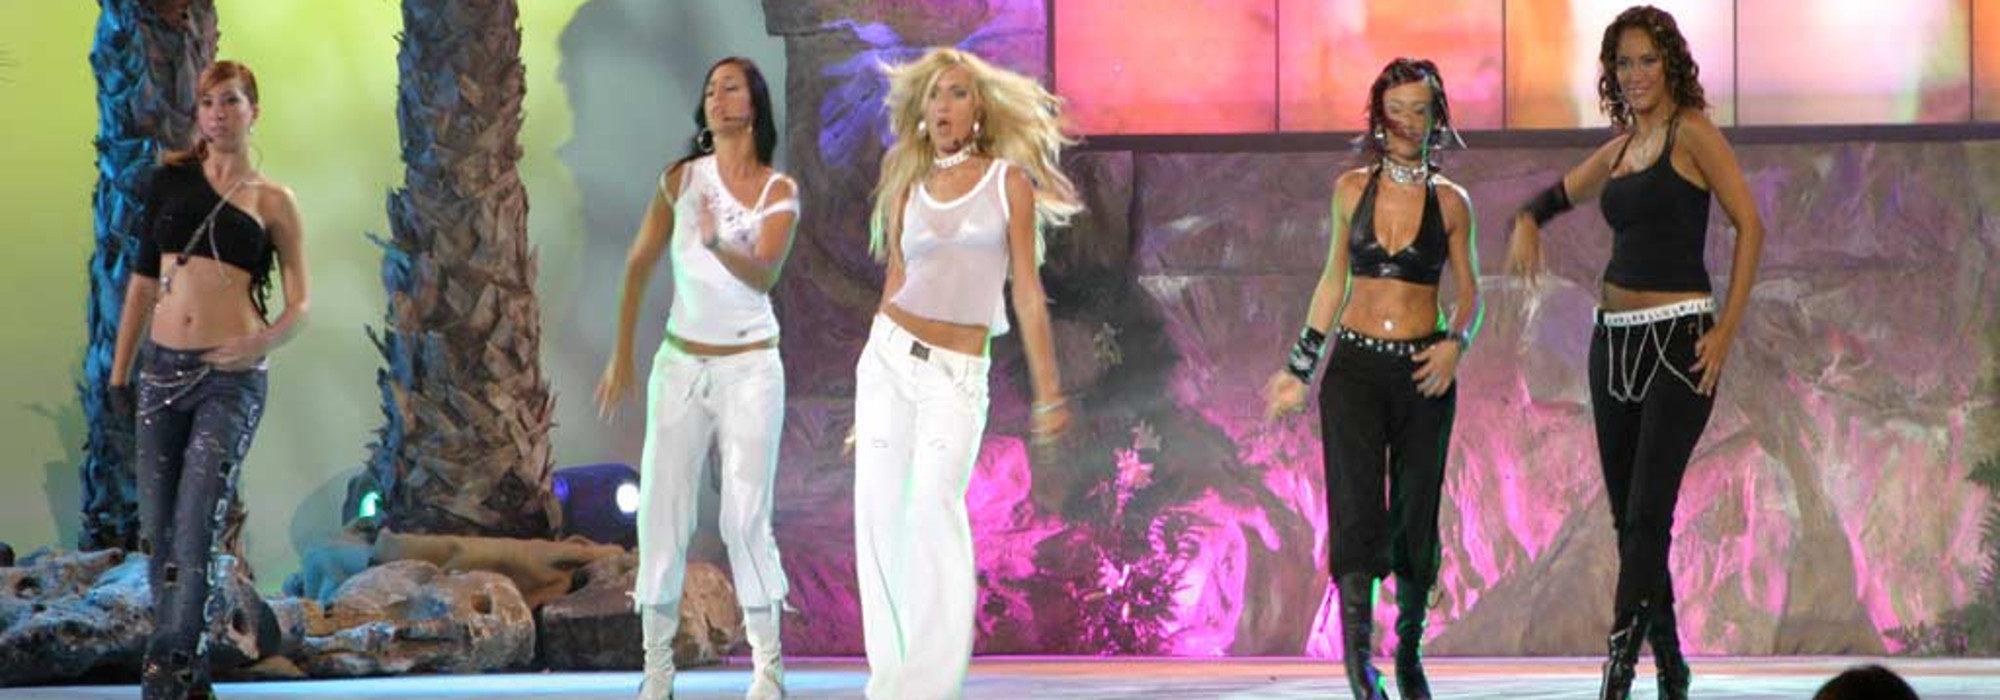 ¿Qué fue de las concursantes de 'Popstars'?